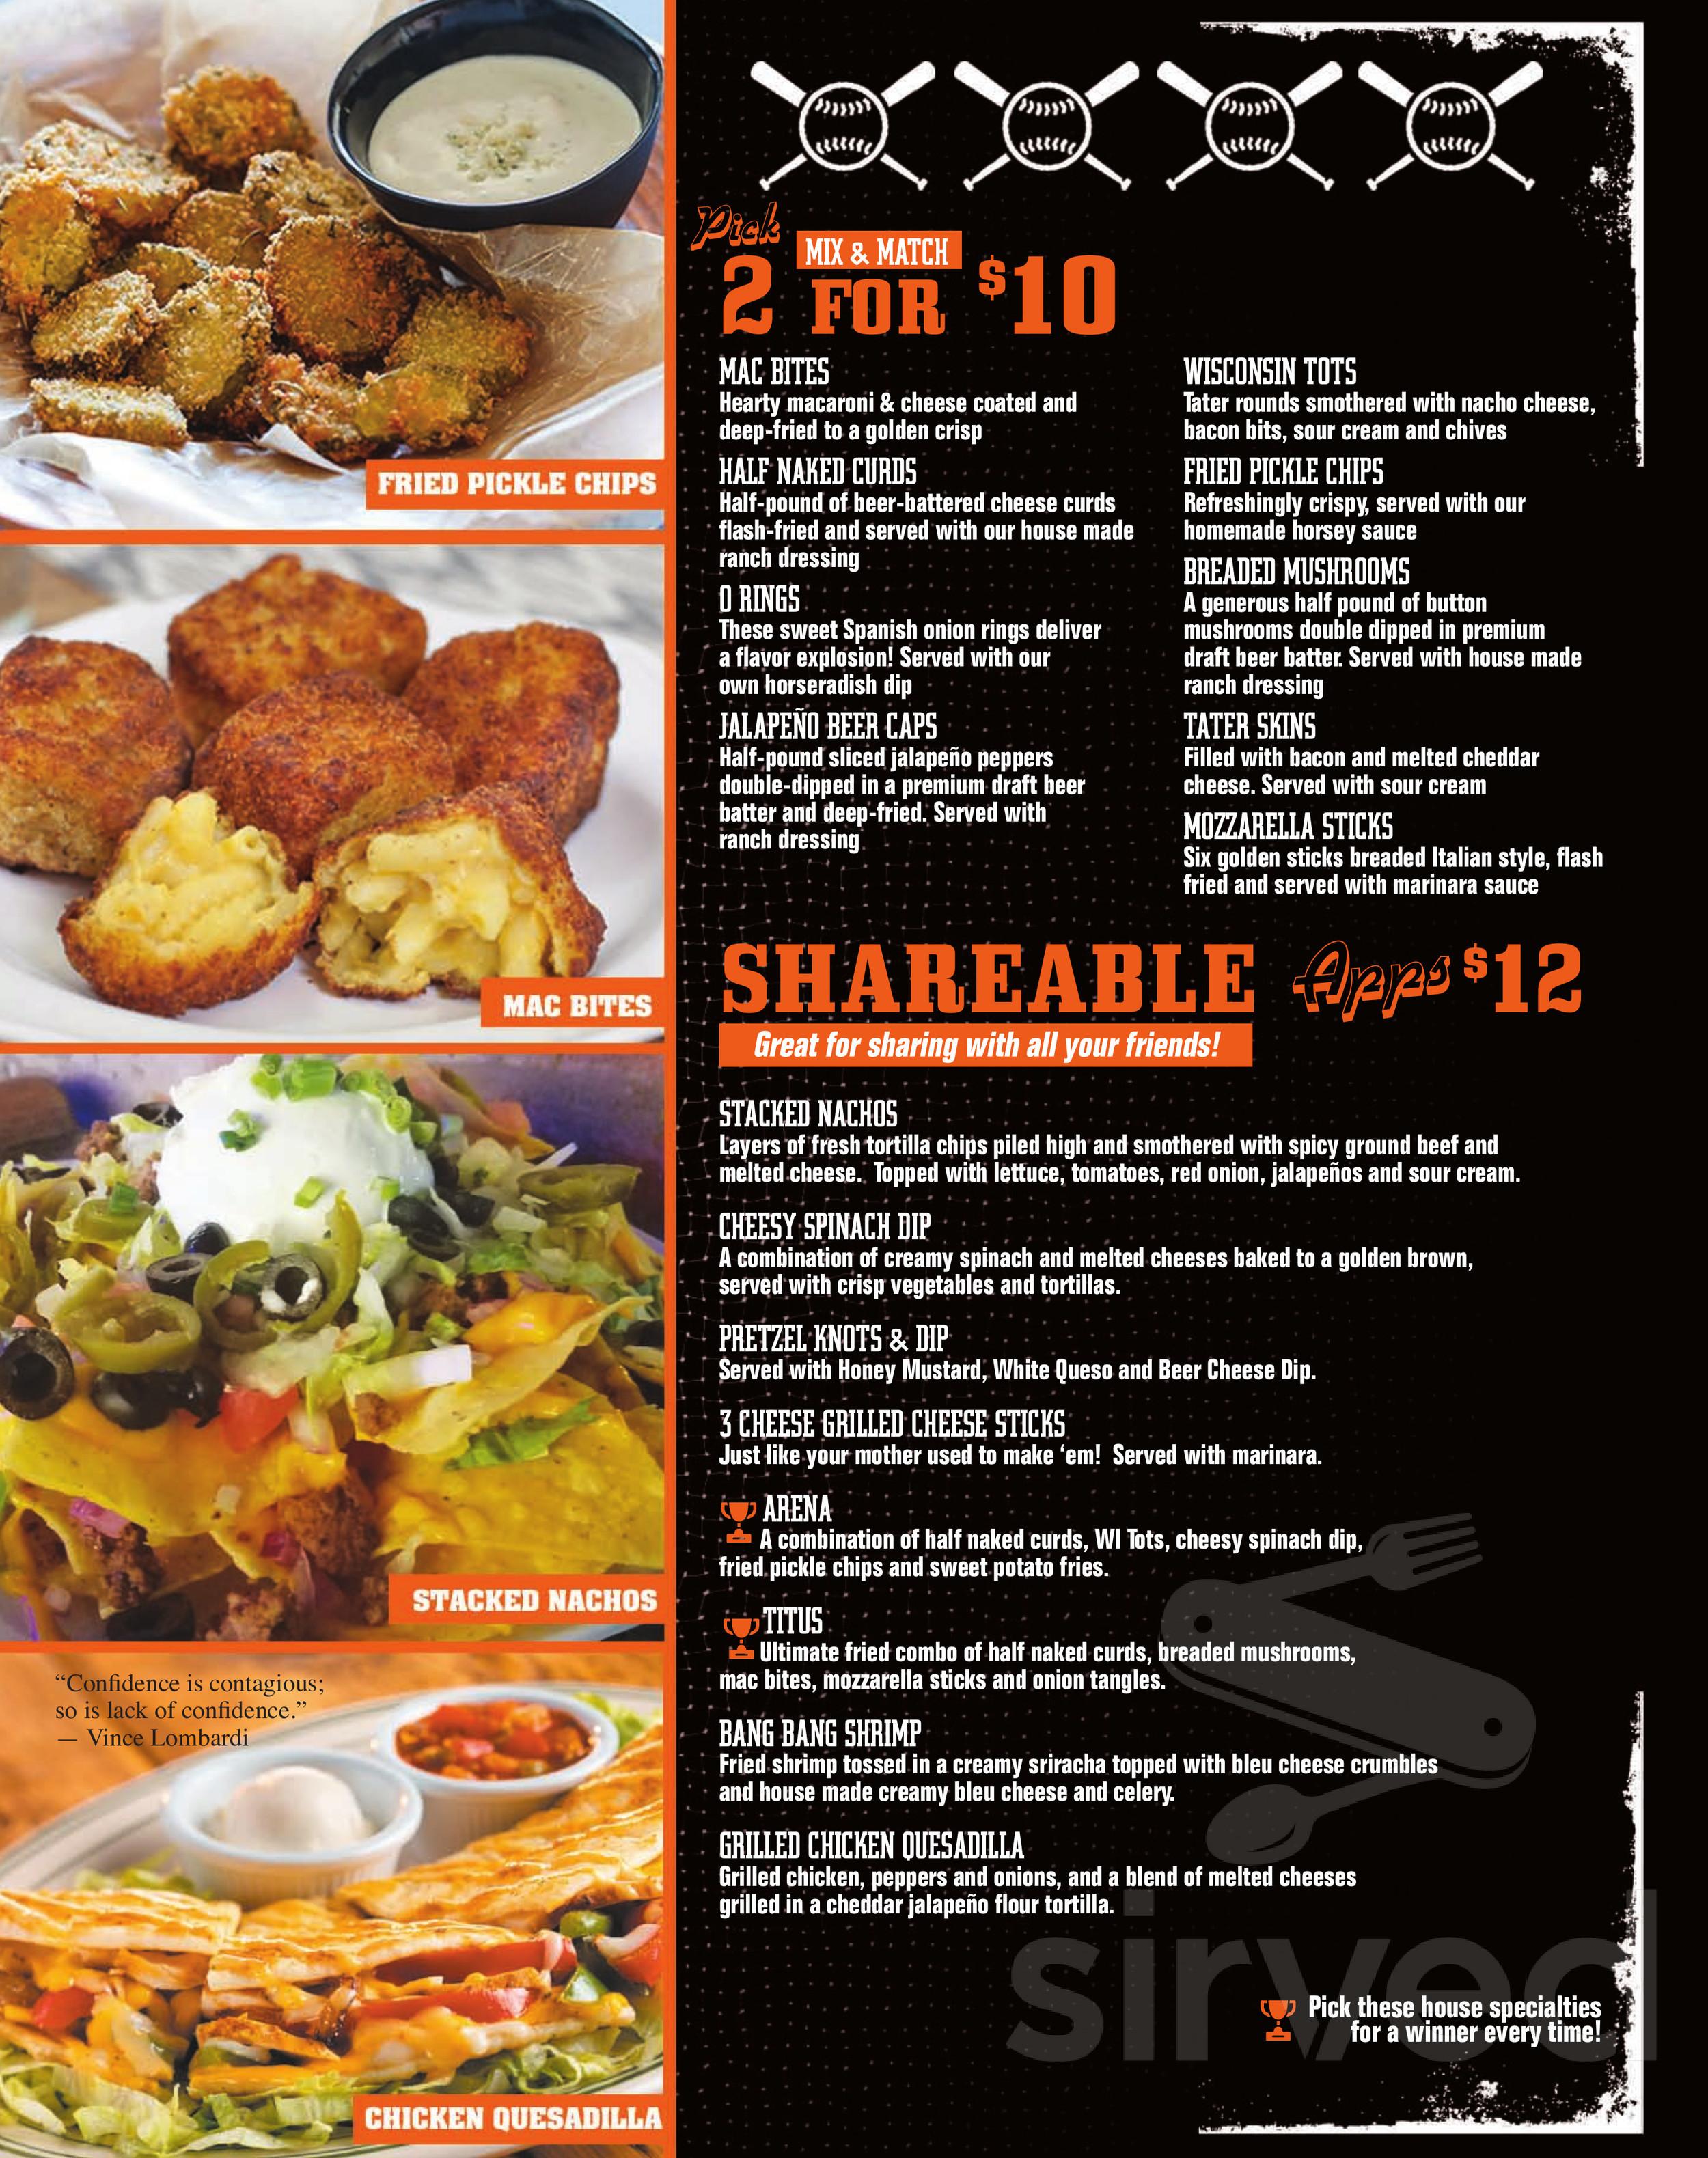 the coliseum sports bar grill menu in fond du lac wisconsin the coliseum sports bar grill menu in